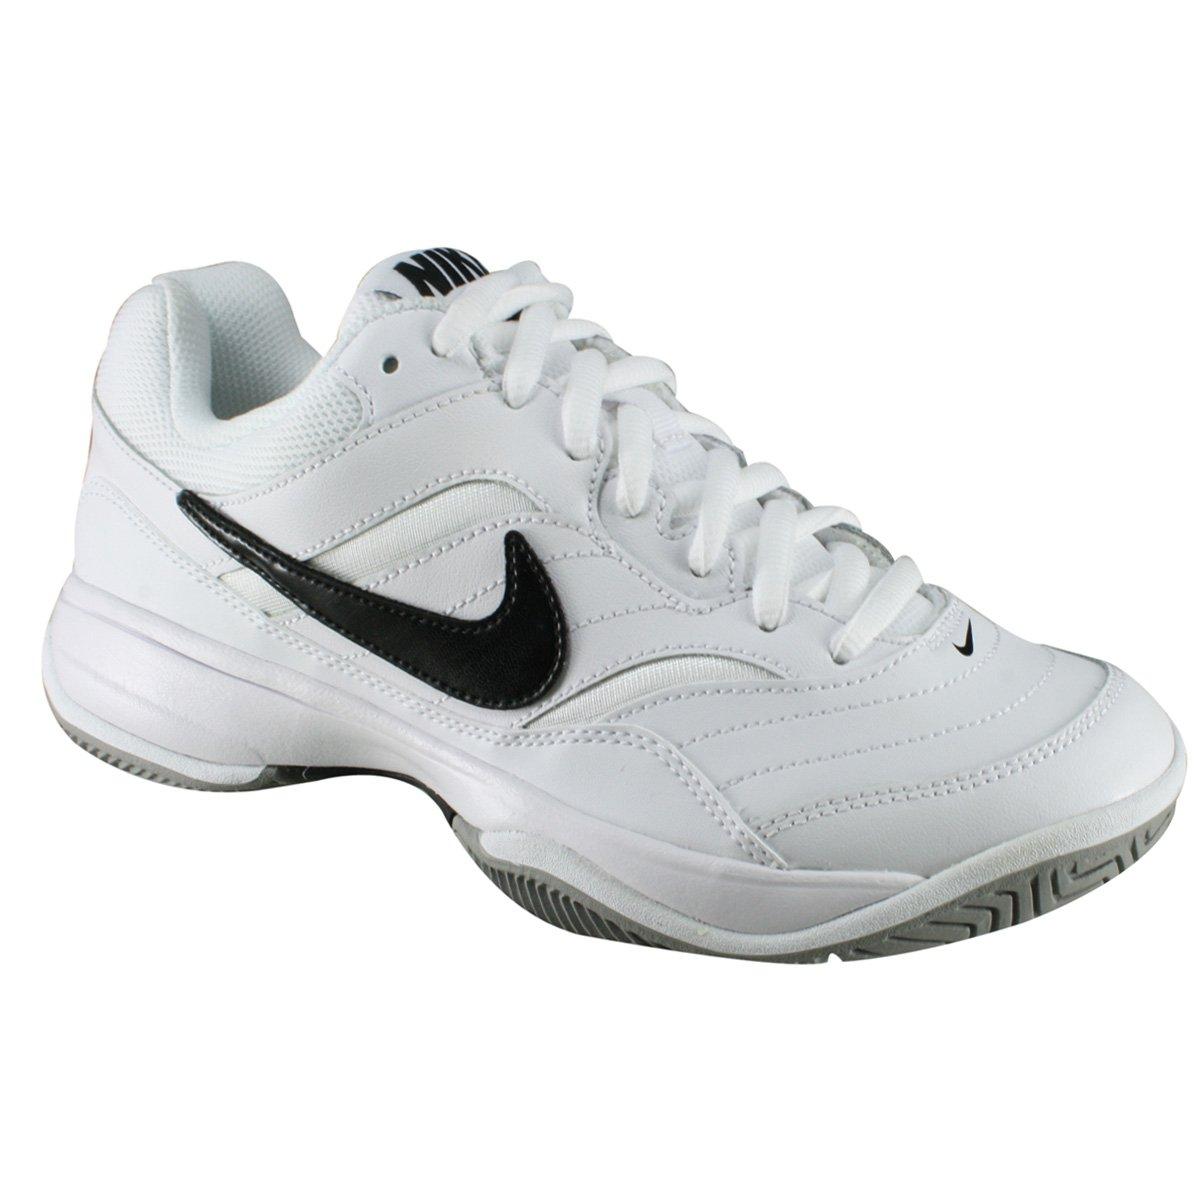 Tênis Nike Court Lite 845021-100 - Branco Preto - Calçados Online ... bae7a226ffa50